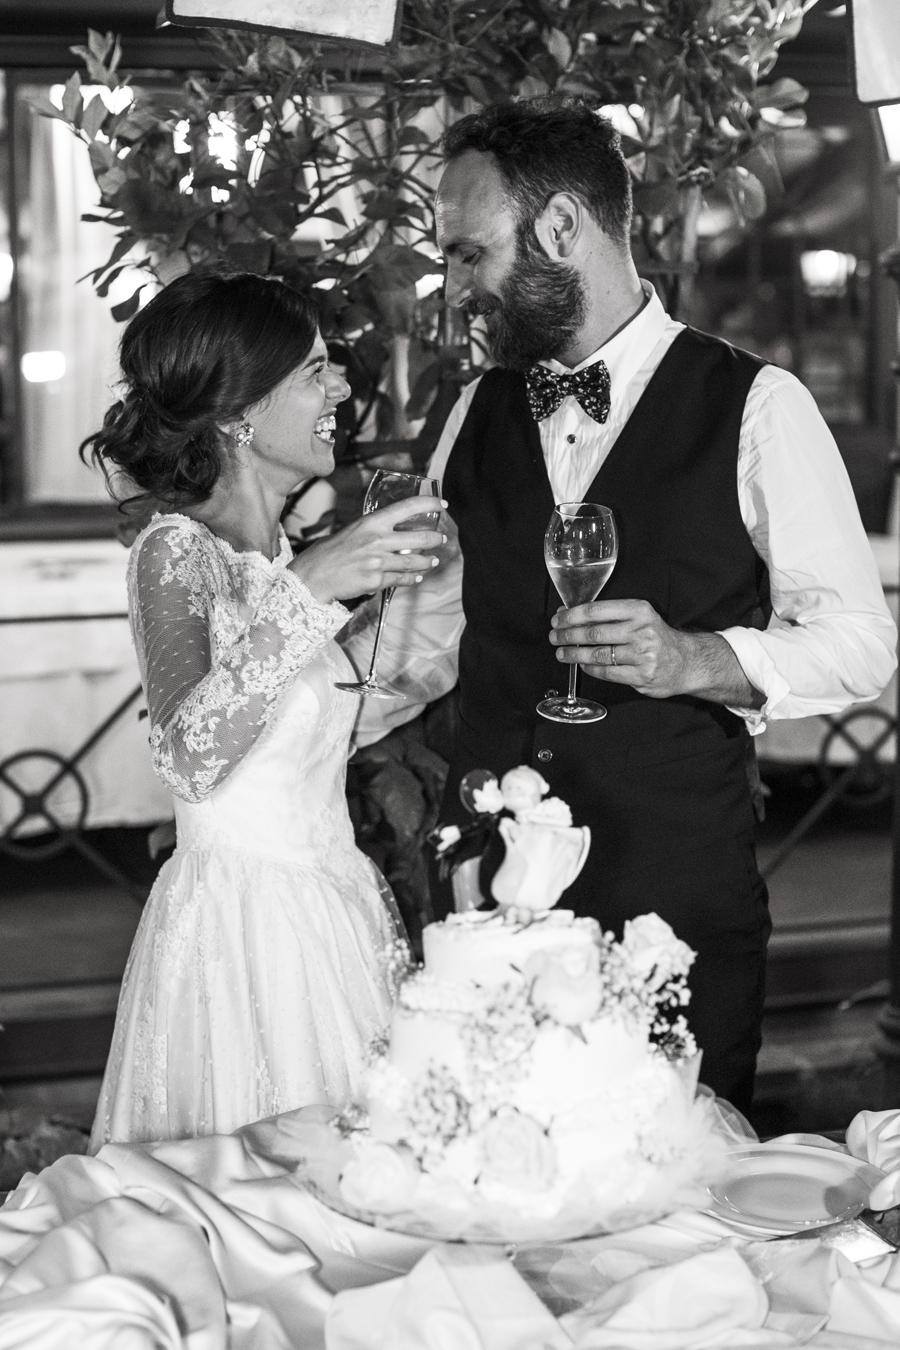 il taglio della torta fotografia di nozze